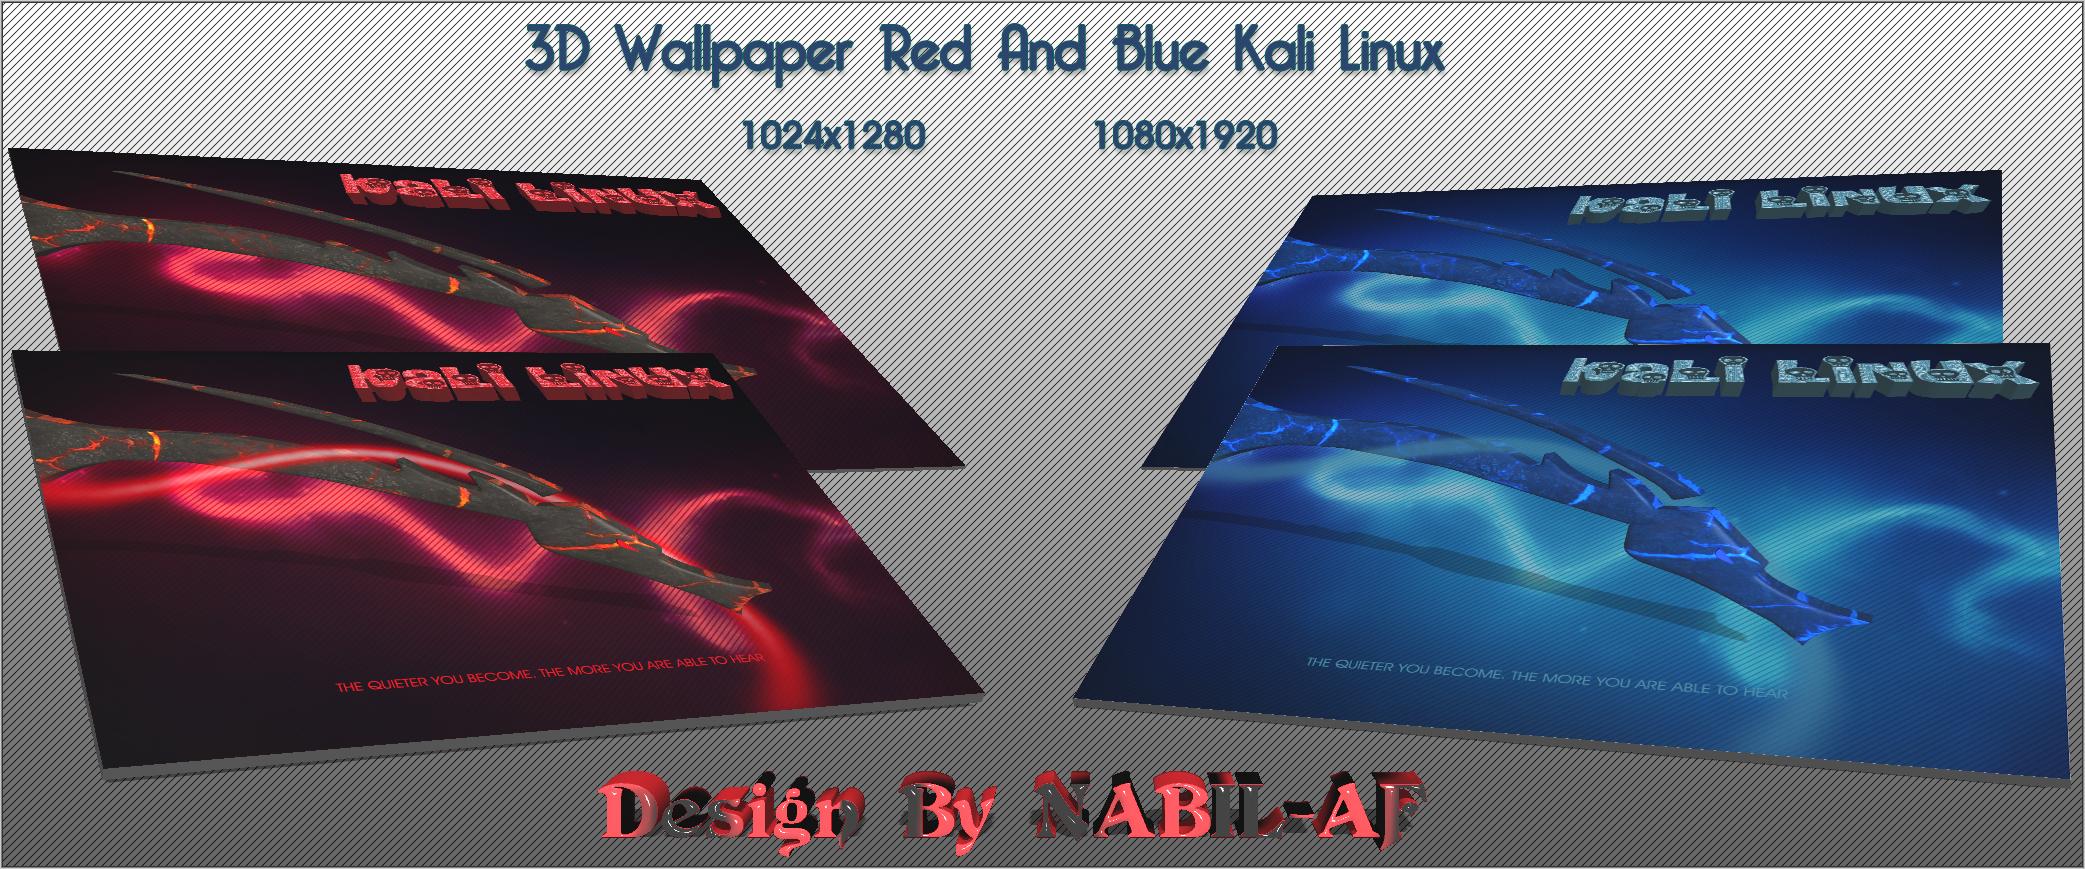 3d Wallpaper Red And Blue Kali Linux By Nabil Af On Deviantart